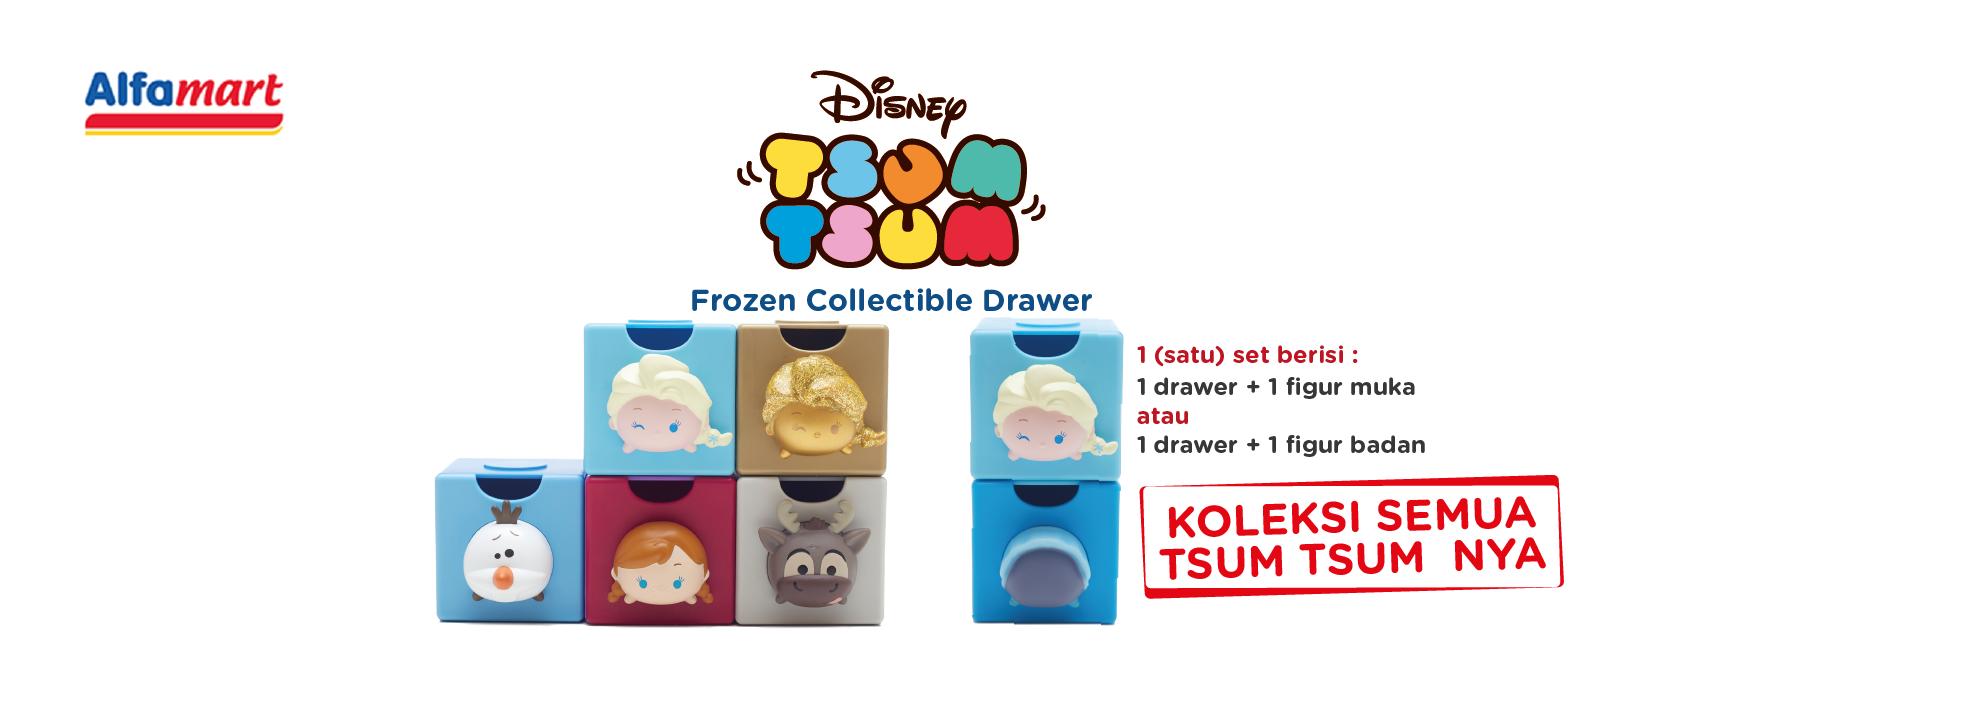 Disney Tsum-Tsum - Frozen Collectible Drawer